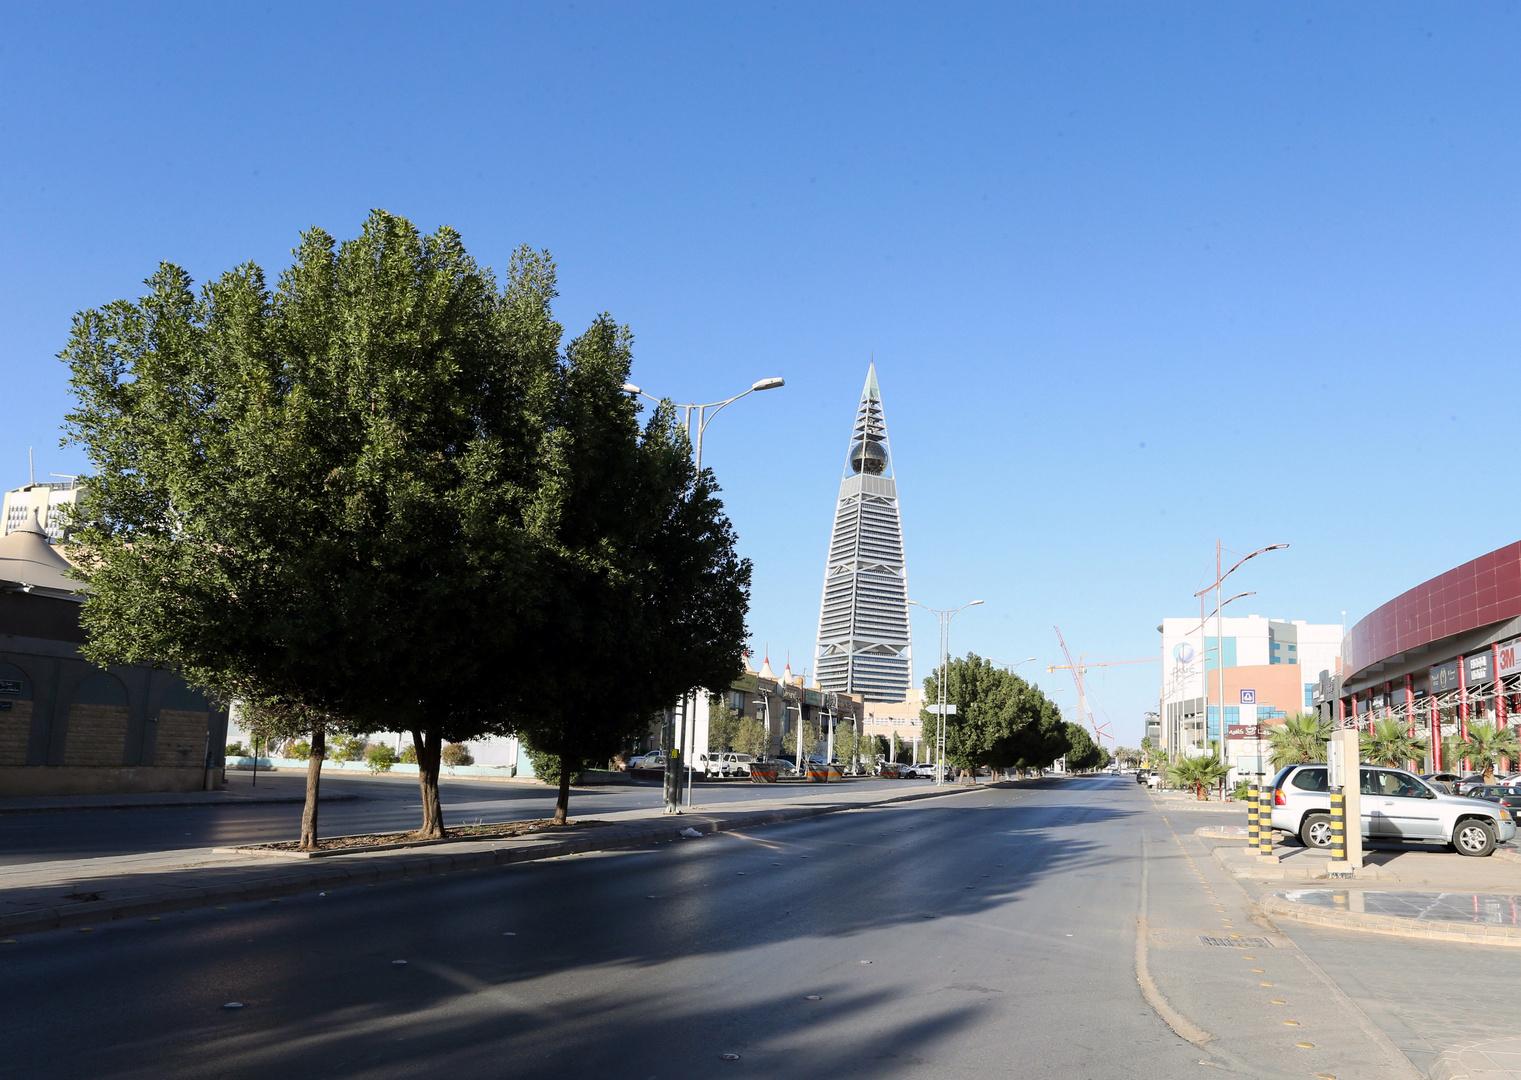 السعودية: إلغاء نظام الكفيل يدخل حيز التنفيذ